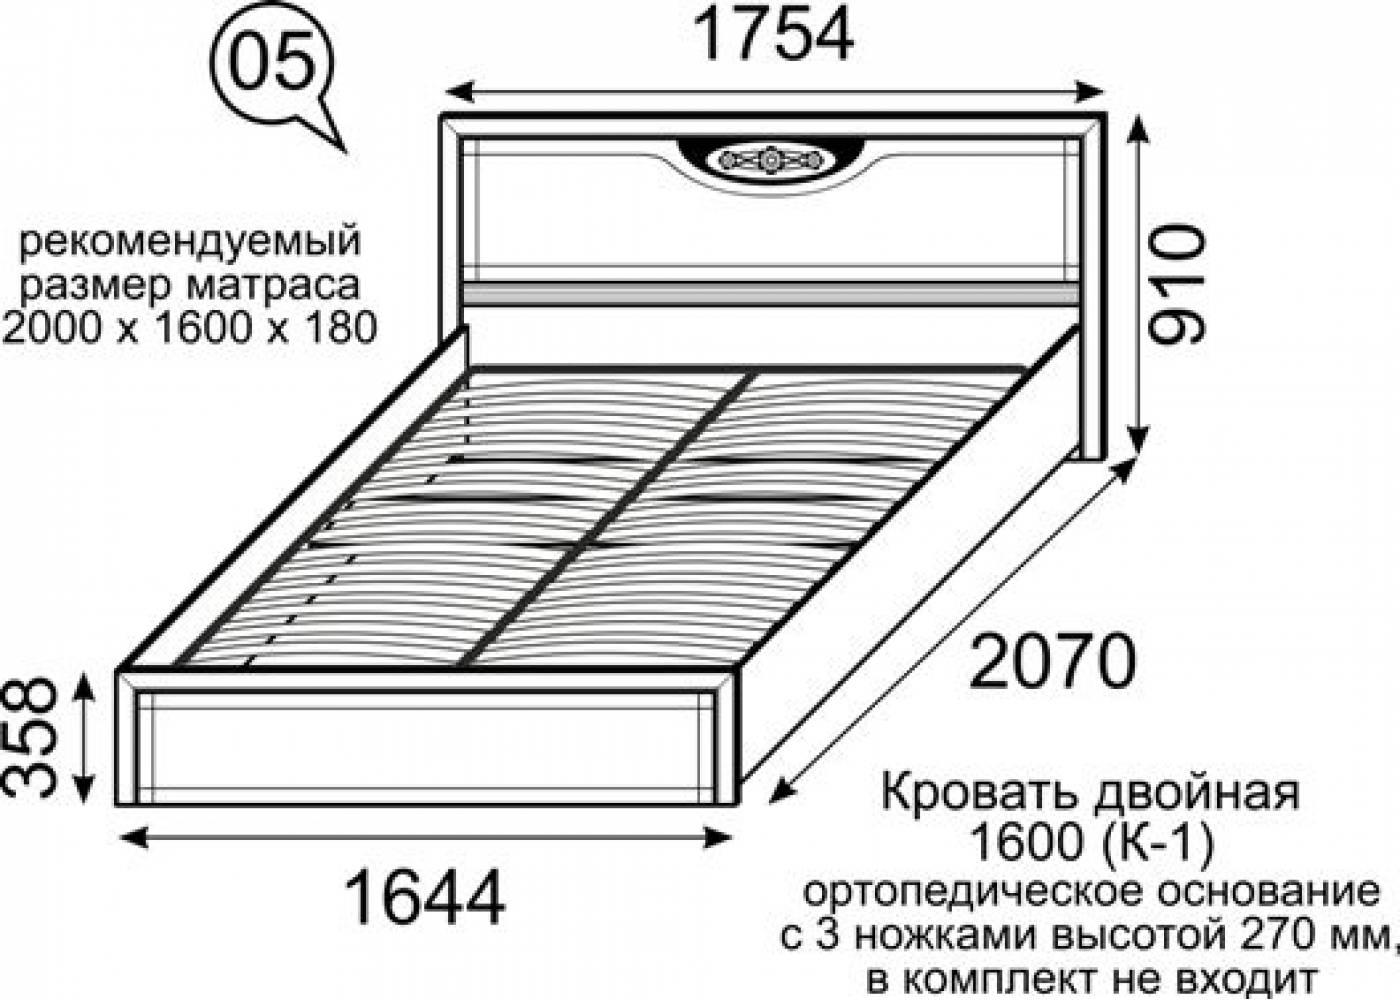 5 Кровать двойная 1600 (К-1) без ортопеда, без матраса Лондон